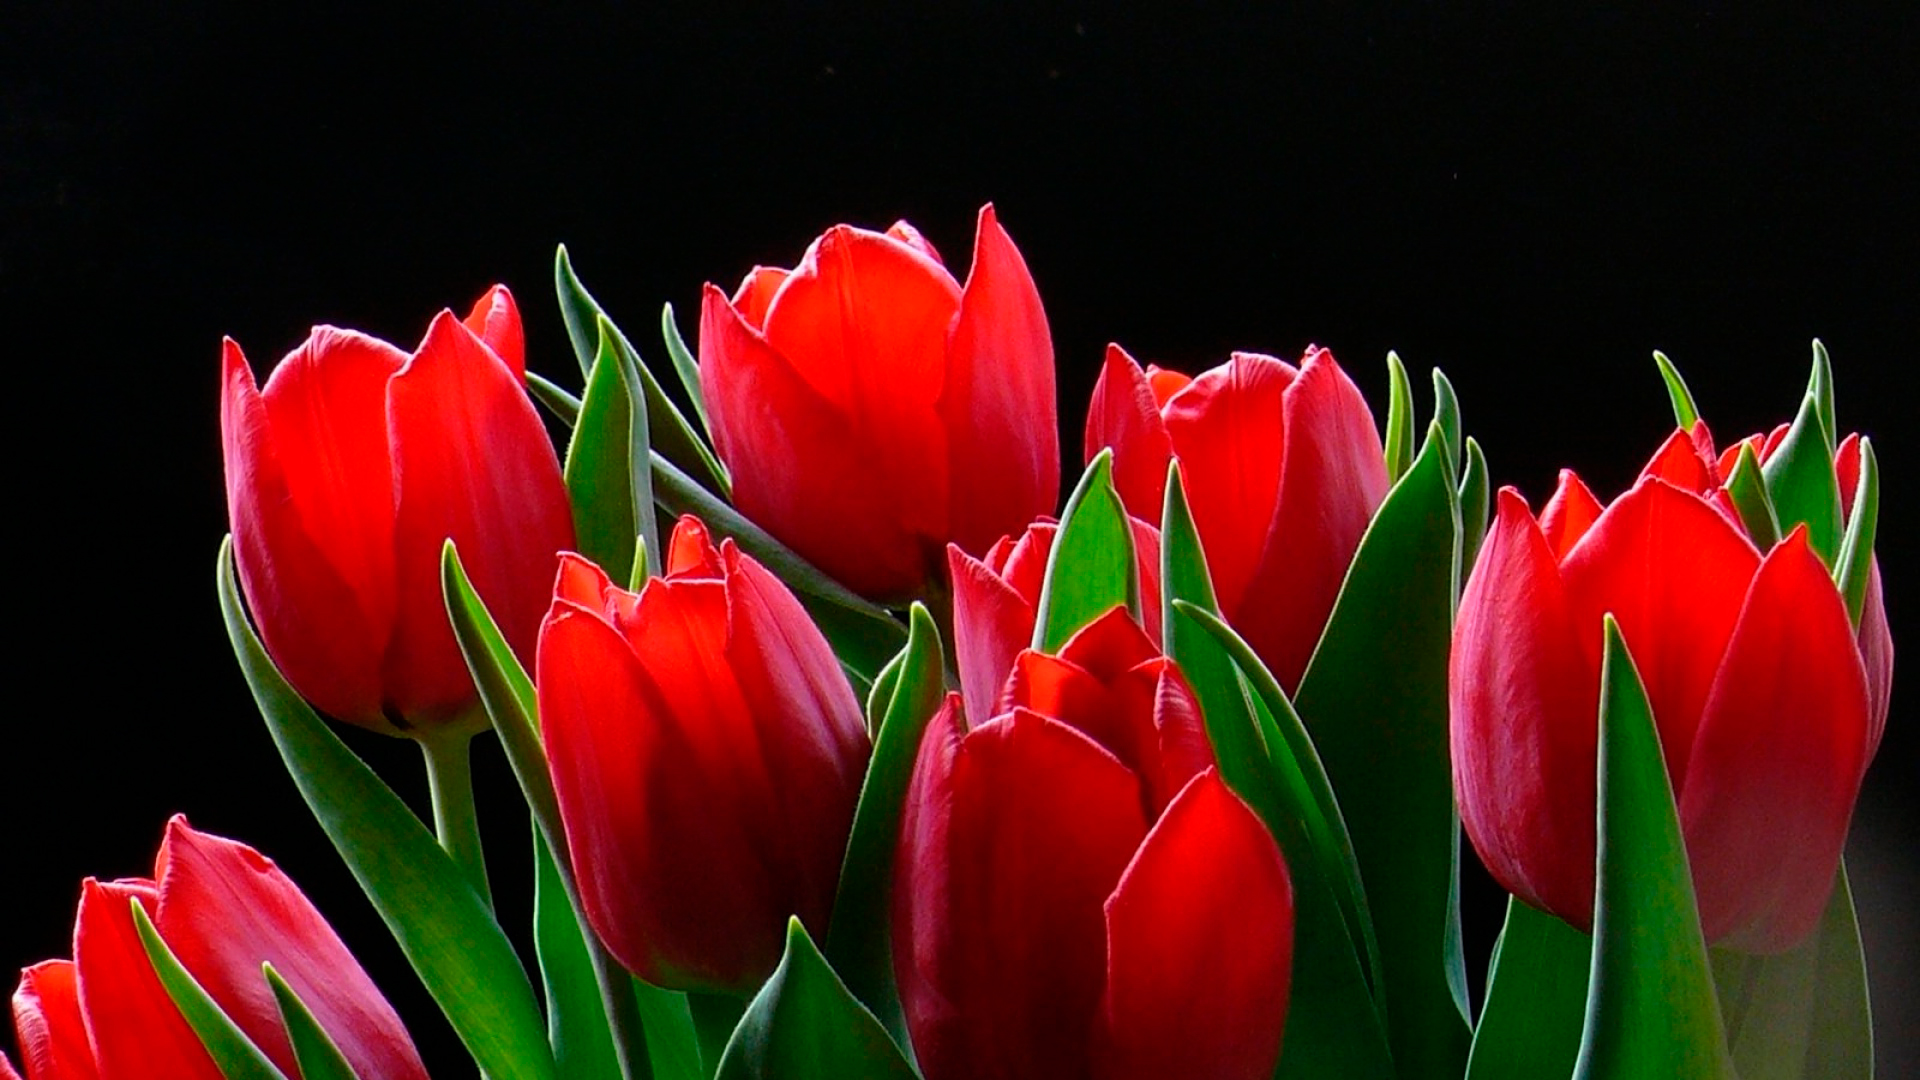 tulip-photo-162